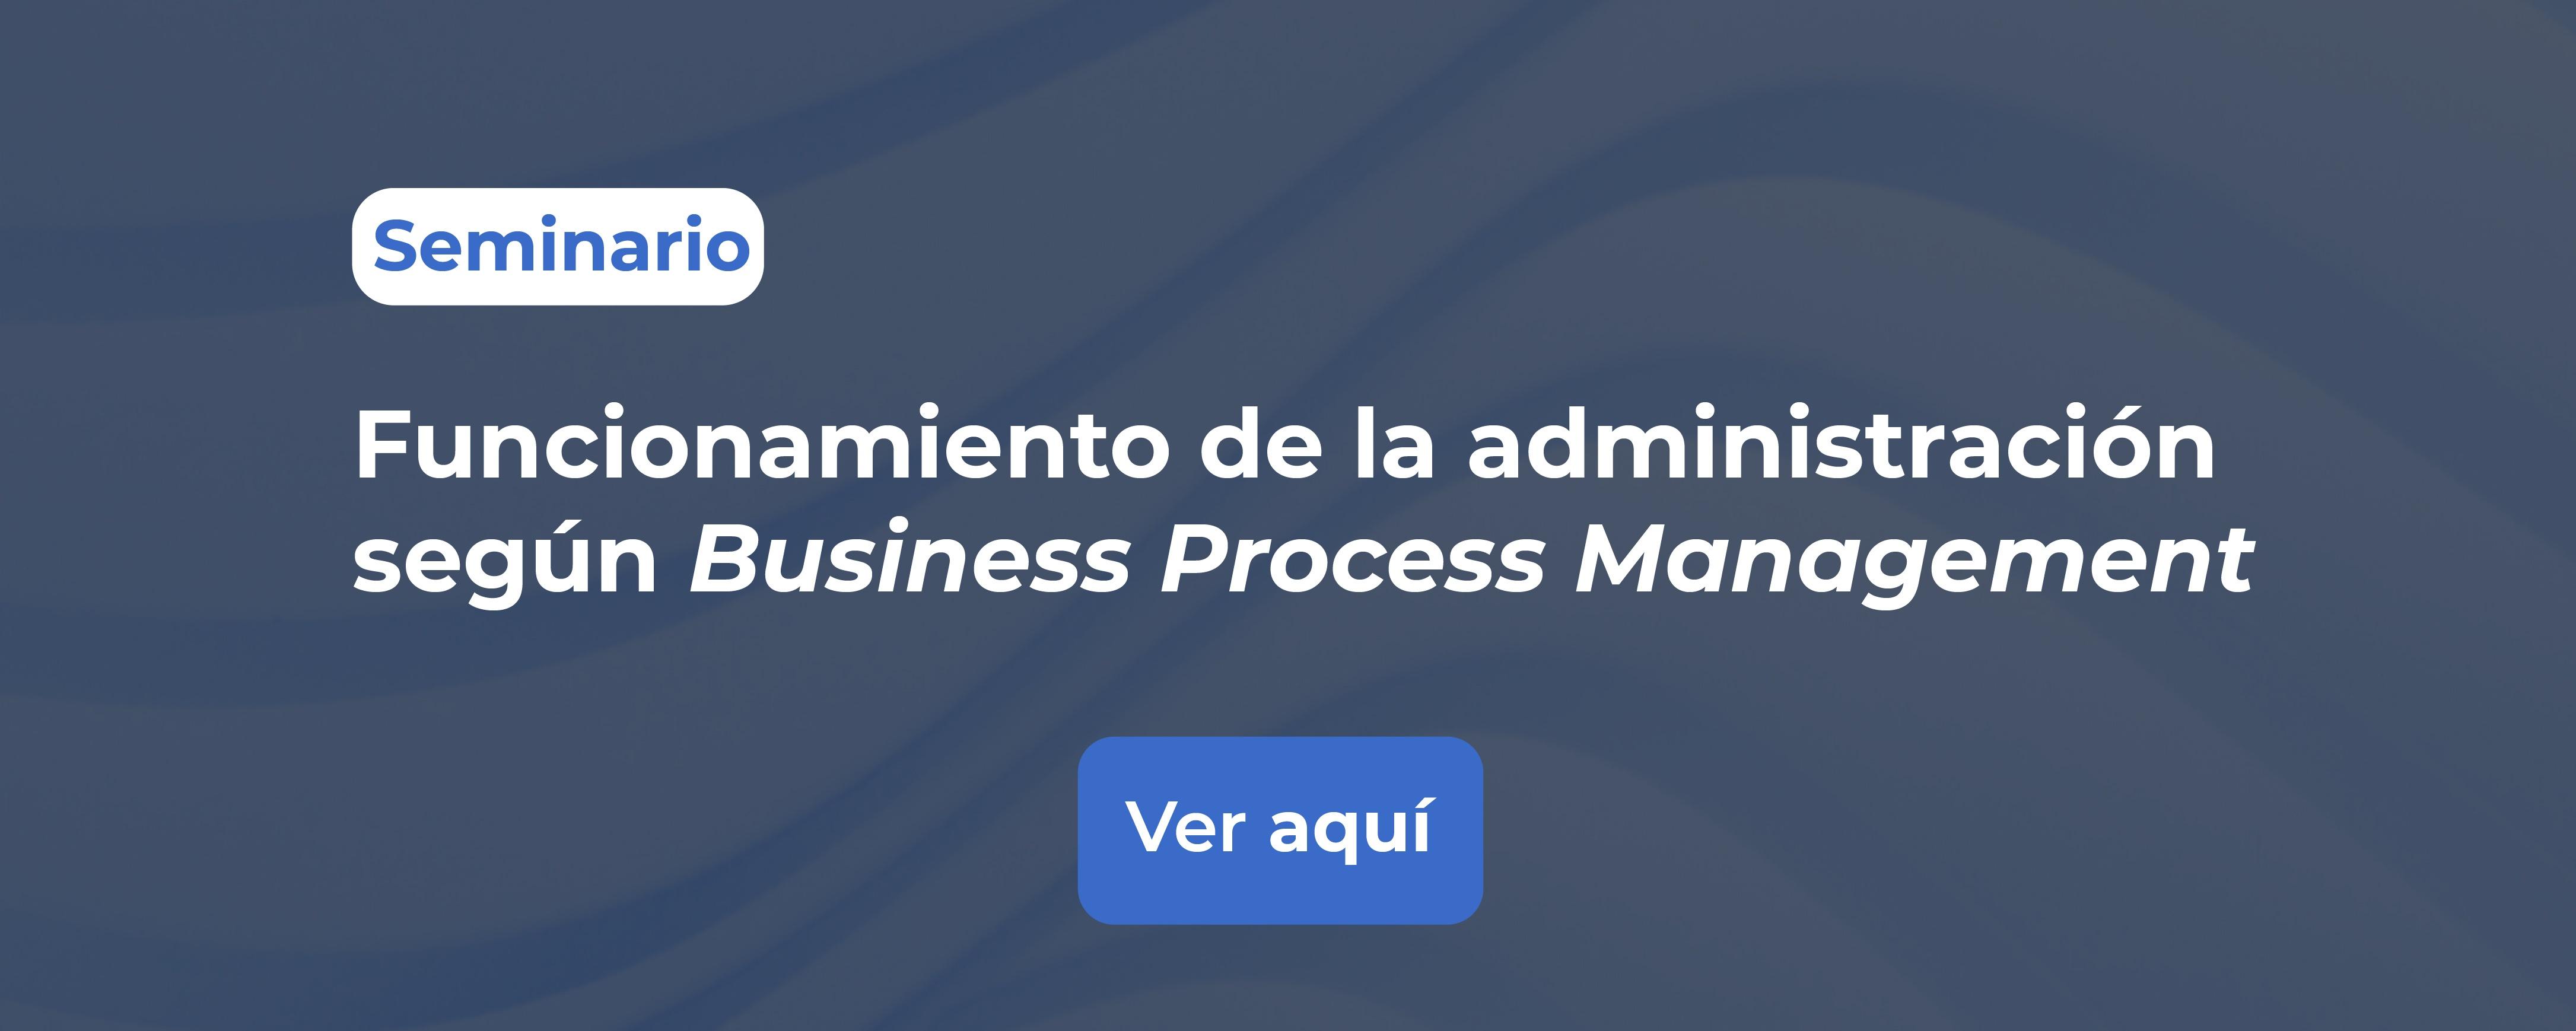 Funcionamiento de la administración segun business process management